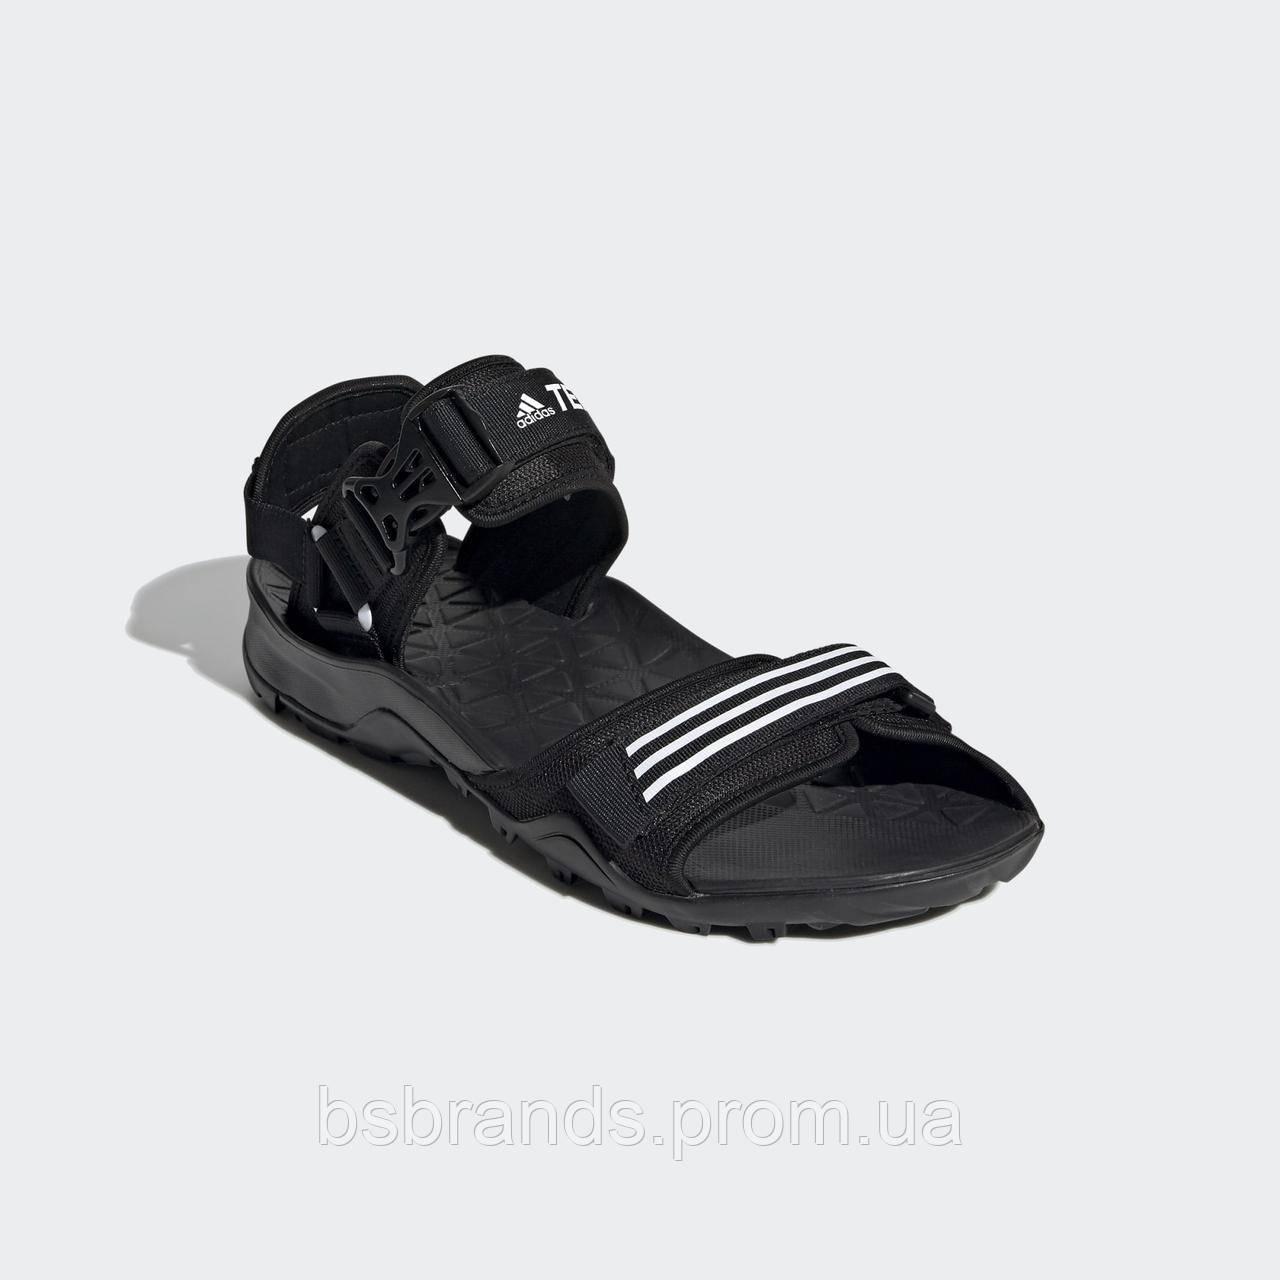 Мужские сандалии adidas Terrex Cyprex Ultra II DLX EF0016